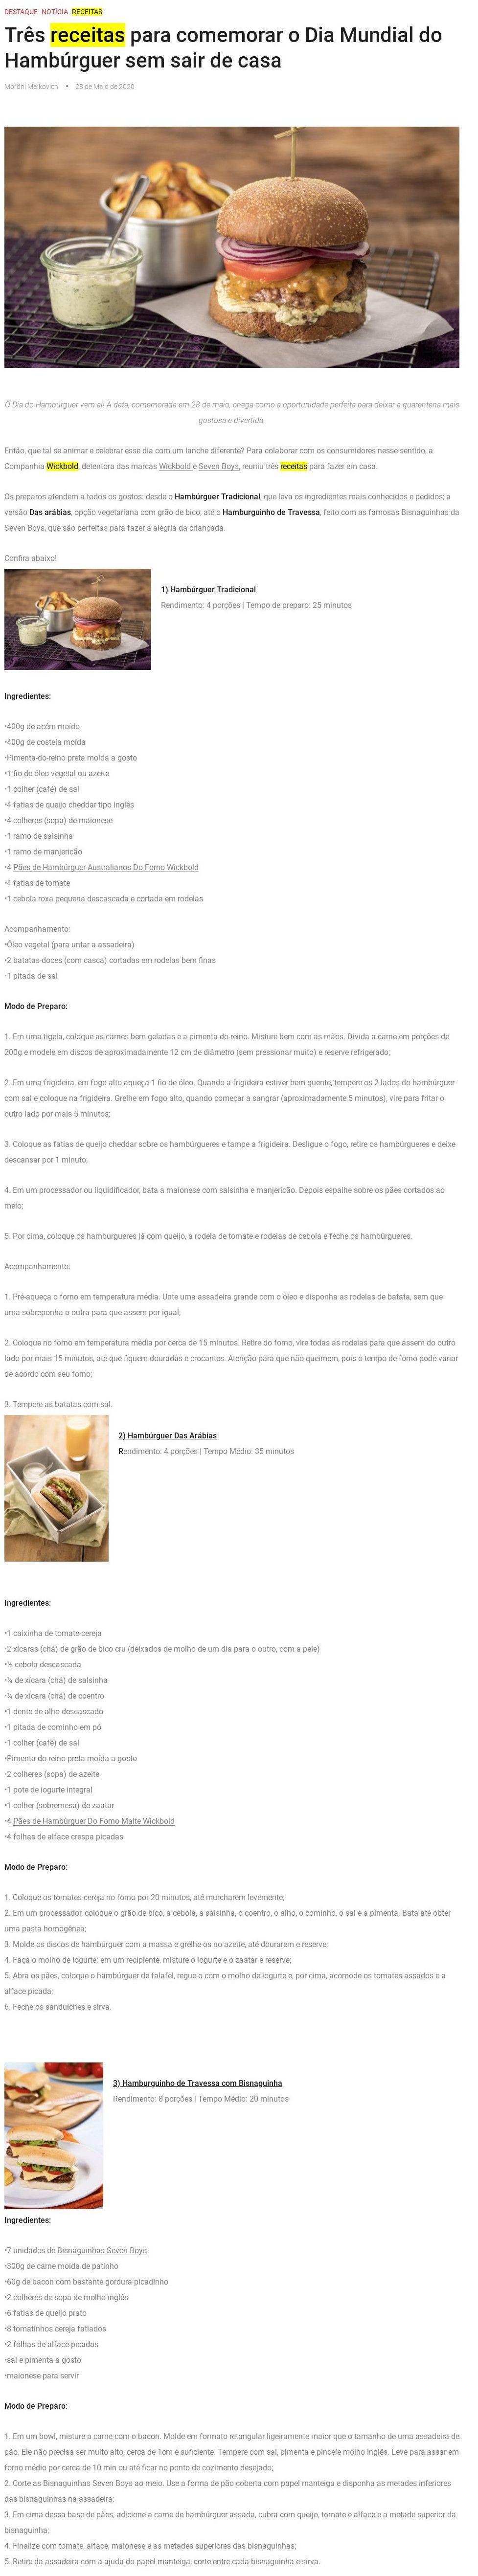 Três receitas para comemorar o Dia Mundial do Hambúrguer sem sair de casa - Capital Gourmet